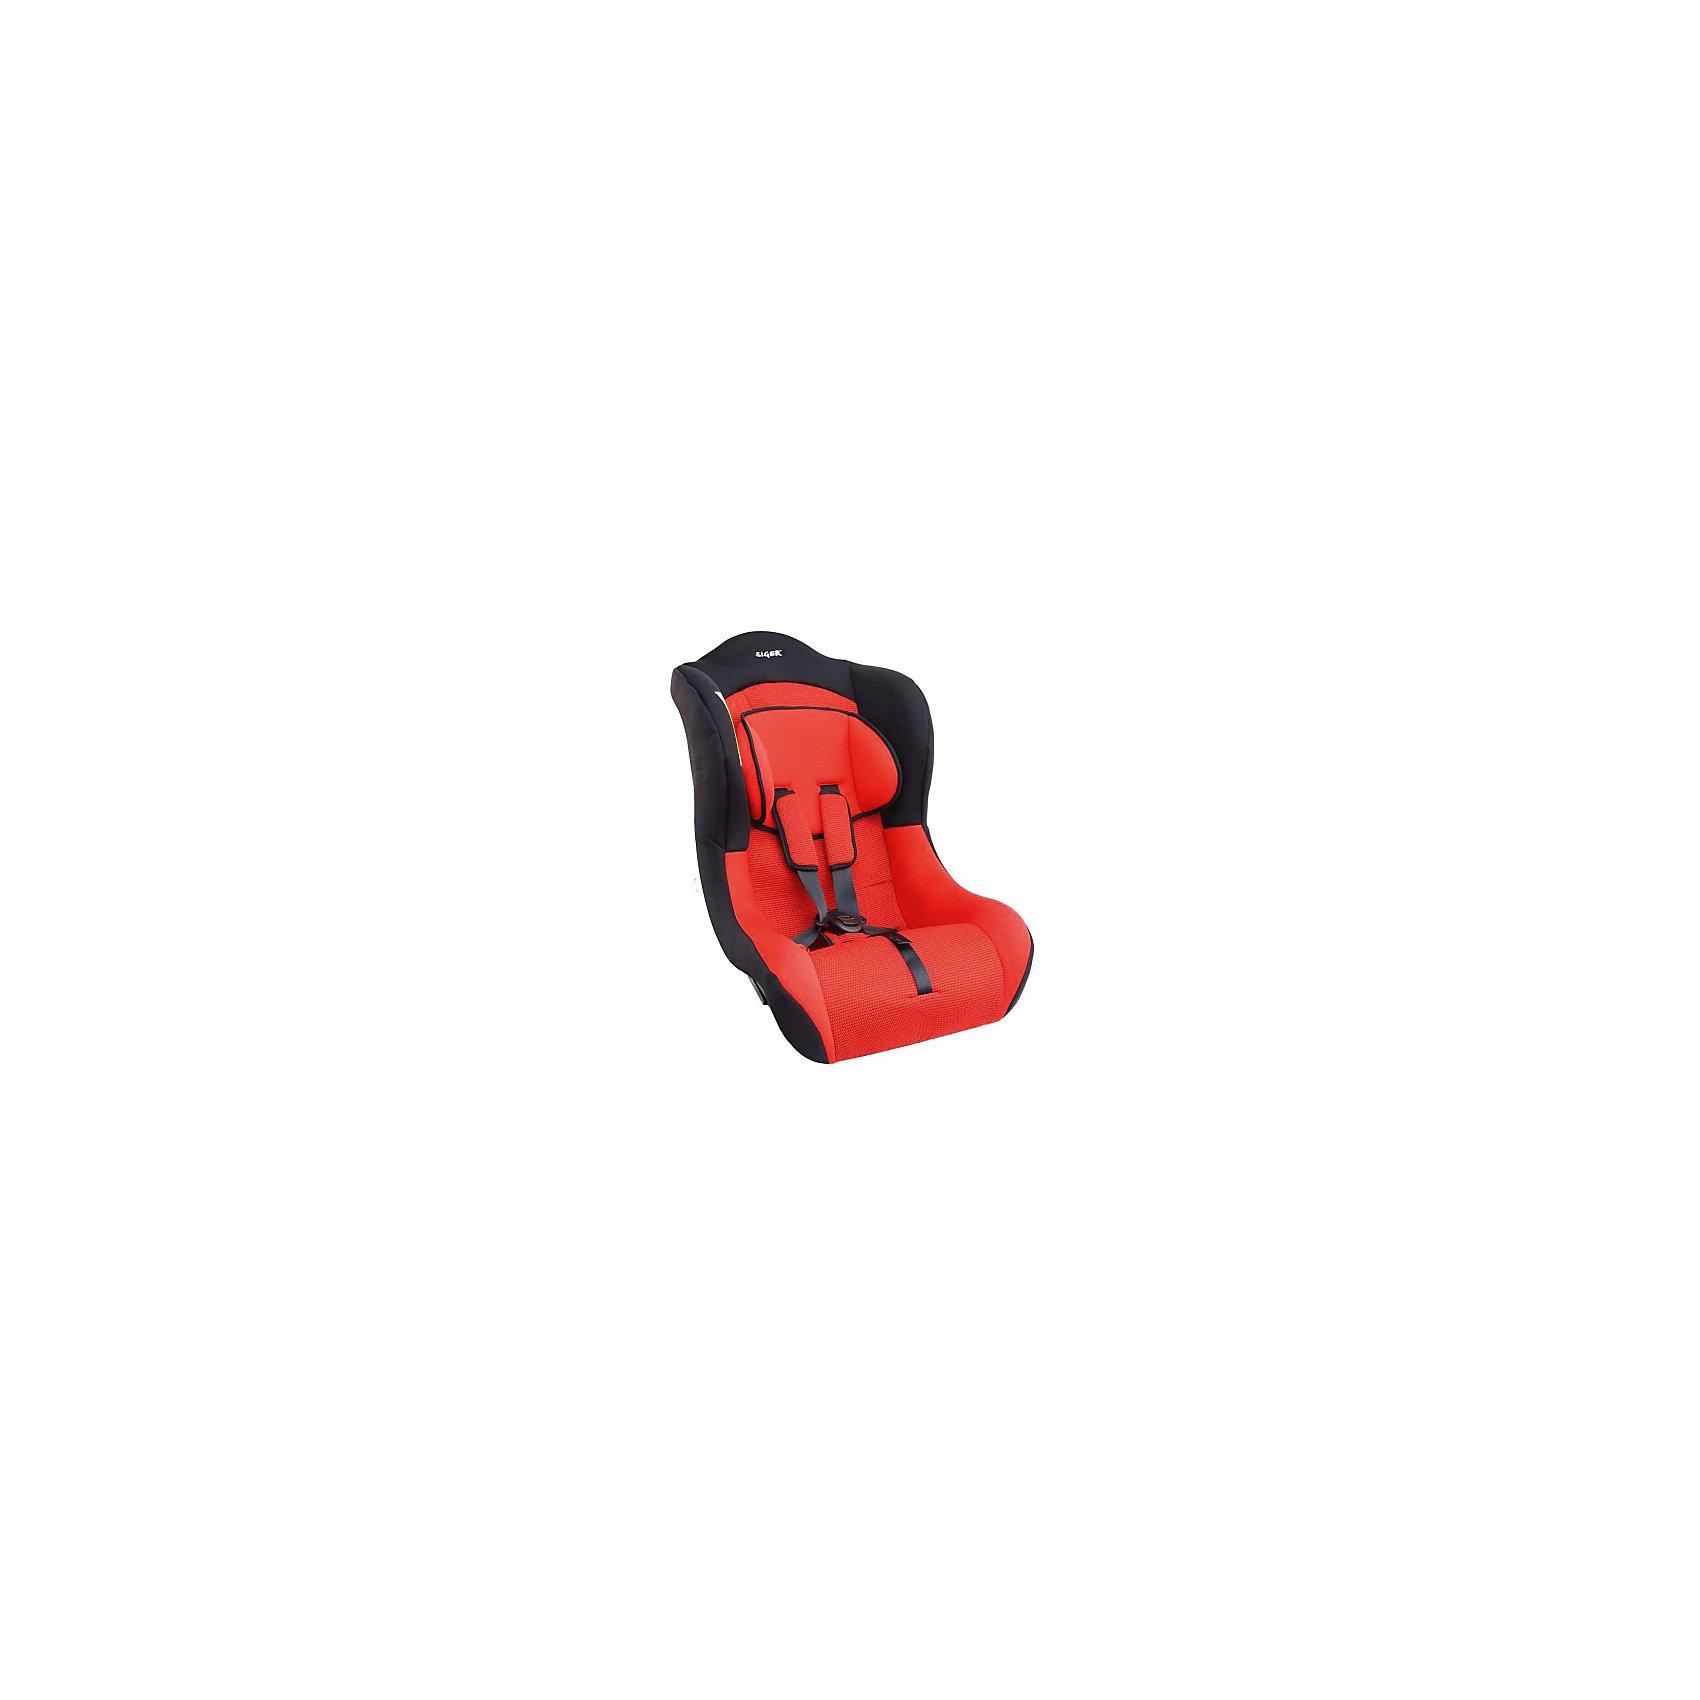 Автокресло Тотем 0-18 кг., Siger, красныйАвтокресло Тотем Siger разработано для комфортной и безопасной перевозки маленьких пассажиров 0 до 4-х лет. Сидение оснащено мягким подголовником, который защищает голову ребенка с трех сторон. Ортопедическая форма кресла изготовлена из ударопрочного пластика с усиленной боковой поддержкой. Внутренние ремни регулируются в четырех положениях, по высоте и глубине.<br><br>Дополнительная информация:<br><br>- Материал: текстиль, пластик, металл.<br>- Размер: 60х45х65 см<br>- Возраст: от 0 до 3-4 лет<br>- Группа: 1 (0-18 кг)<br>- Вес кресла: 3.7 кг<br>- Внутренние ремни безопасности<br>- Регулировка ремней по высоте: в 4 положениях<br>- Регулировка ремней по глубине: в 2 положениях<br><br>Автокресло Тотем 0-18 кг., Siger, красный можно купить в нашем интернет-магазине.<br><br>Ширина мм: 610<br>Глубина мм: 450<br>Высота мм: 645<br>Вес г: 4800<br>Возраст от месяцев: 0<br>Возраст до месяцев: 48<br>Пол: Унисекс<br>Возраст: Детский<br>SKU: 4809109